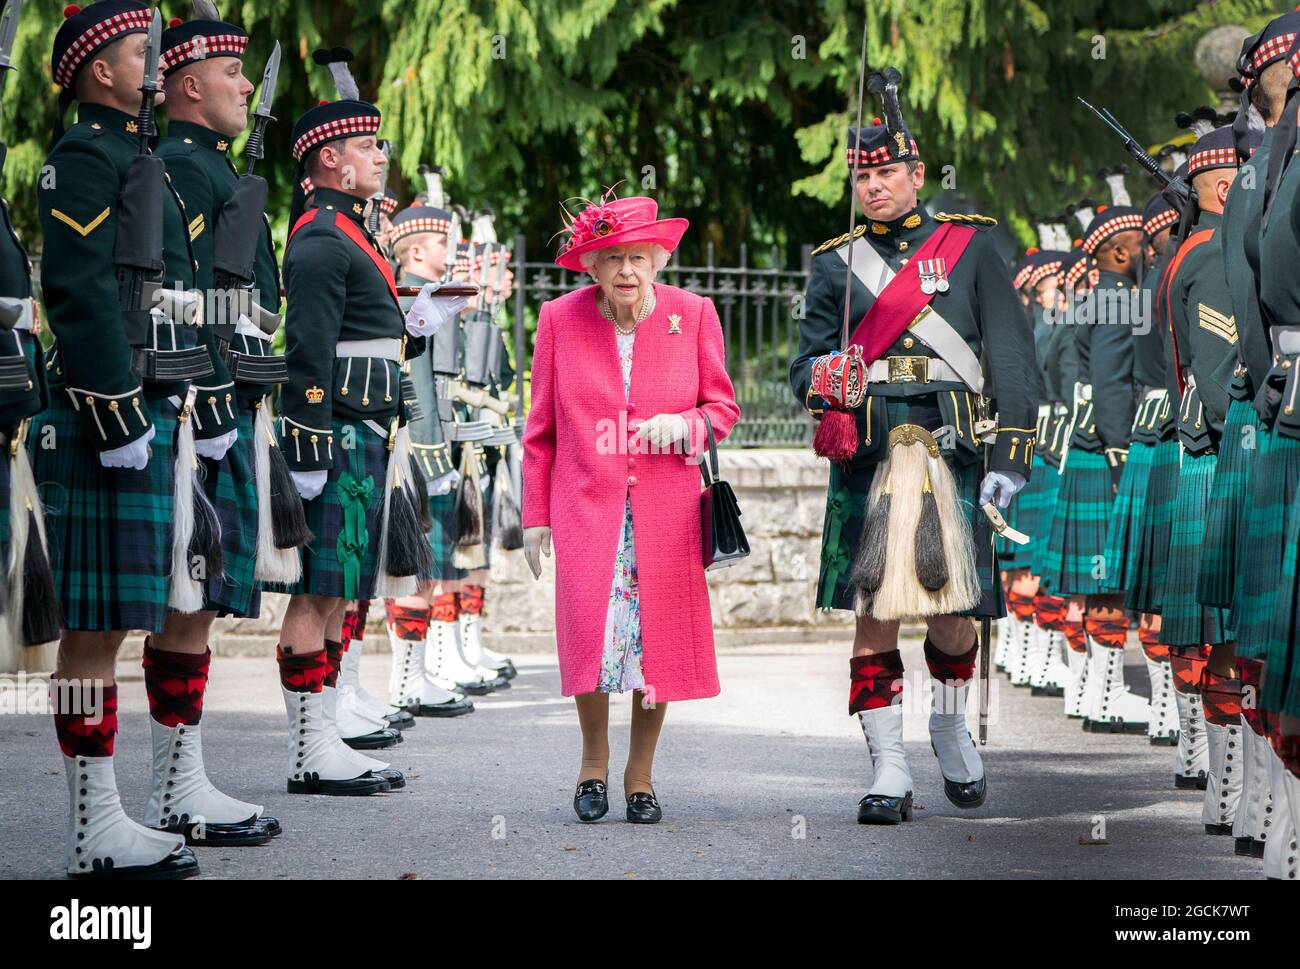 Königin Elizabeth II. Bei einer Inspektion der Balaklava Company, 5 Bataillon das Royal Regiment of Scotland vor den Toren von Balmoral, als sie Sommerresidenz auf dem Schloss übernimmt. Bilddatum: Montag, 9. August 2021. Stockfoto